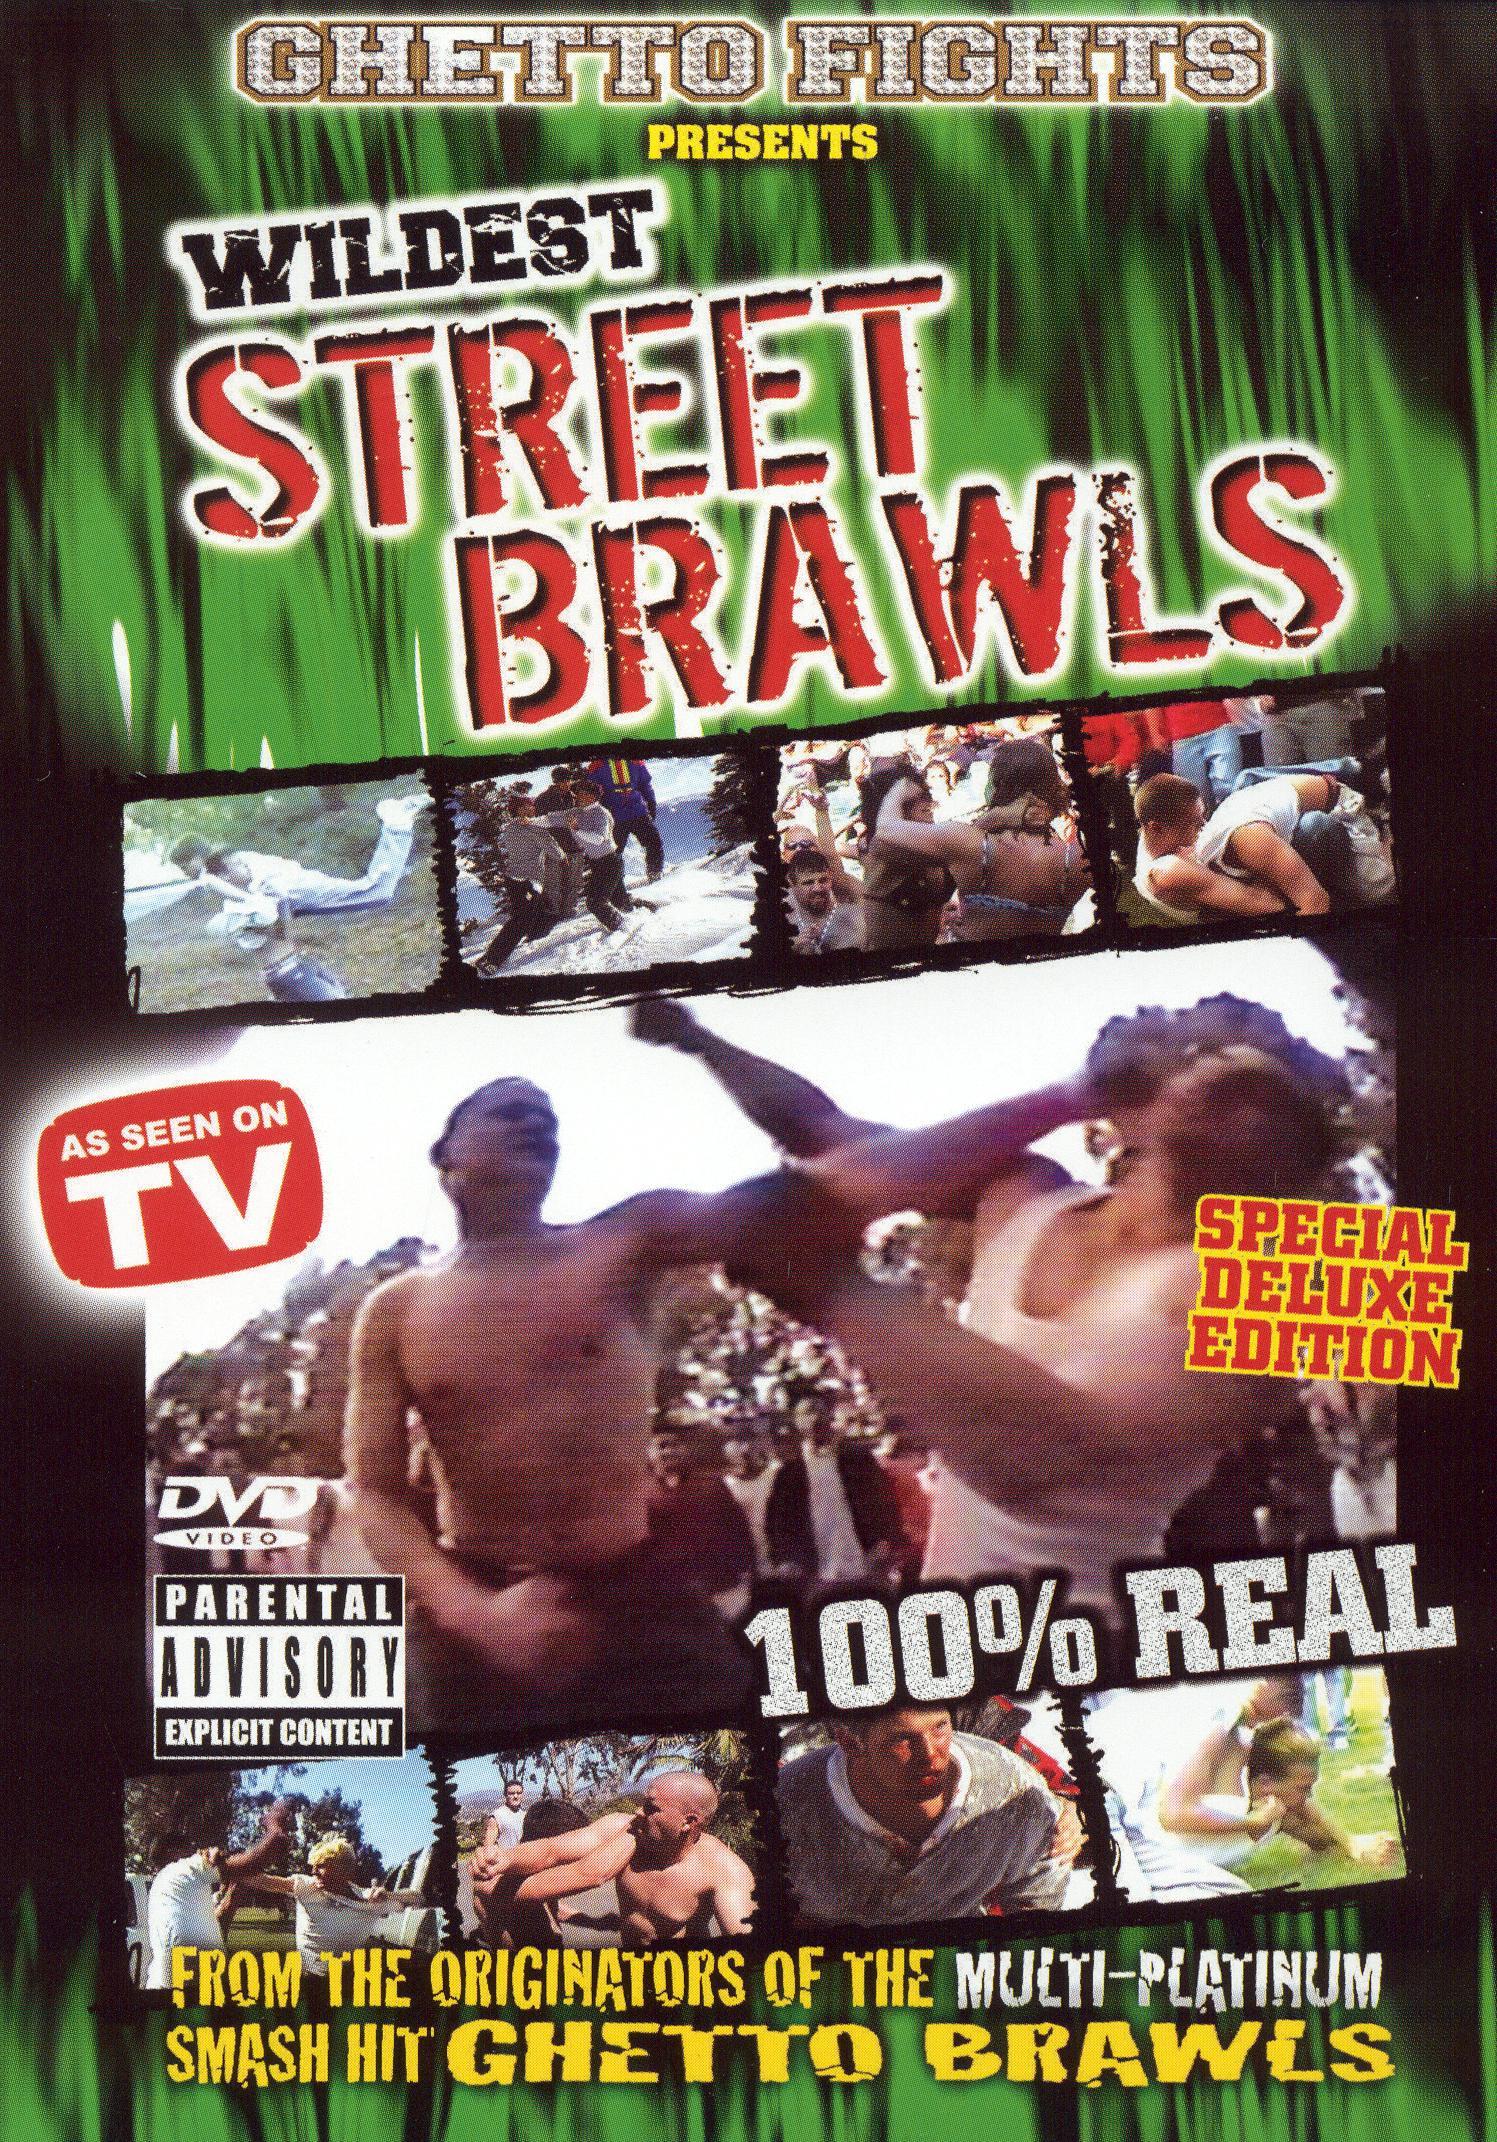 Ghetto Fights Presents: Wildest Street Brawls, Vol. 1